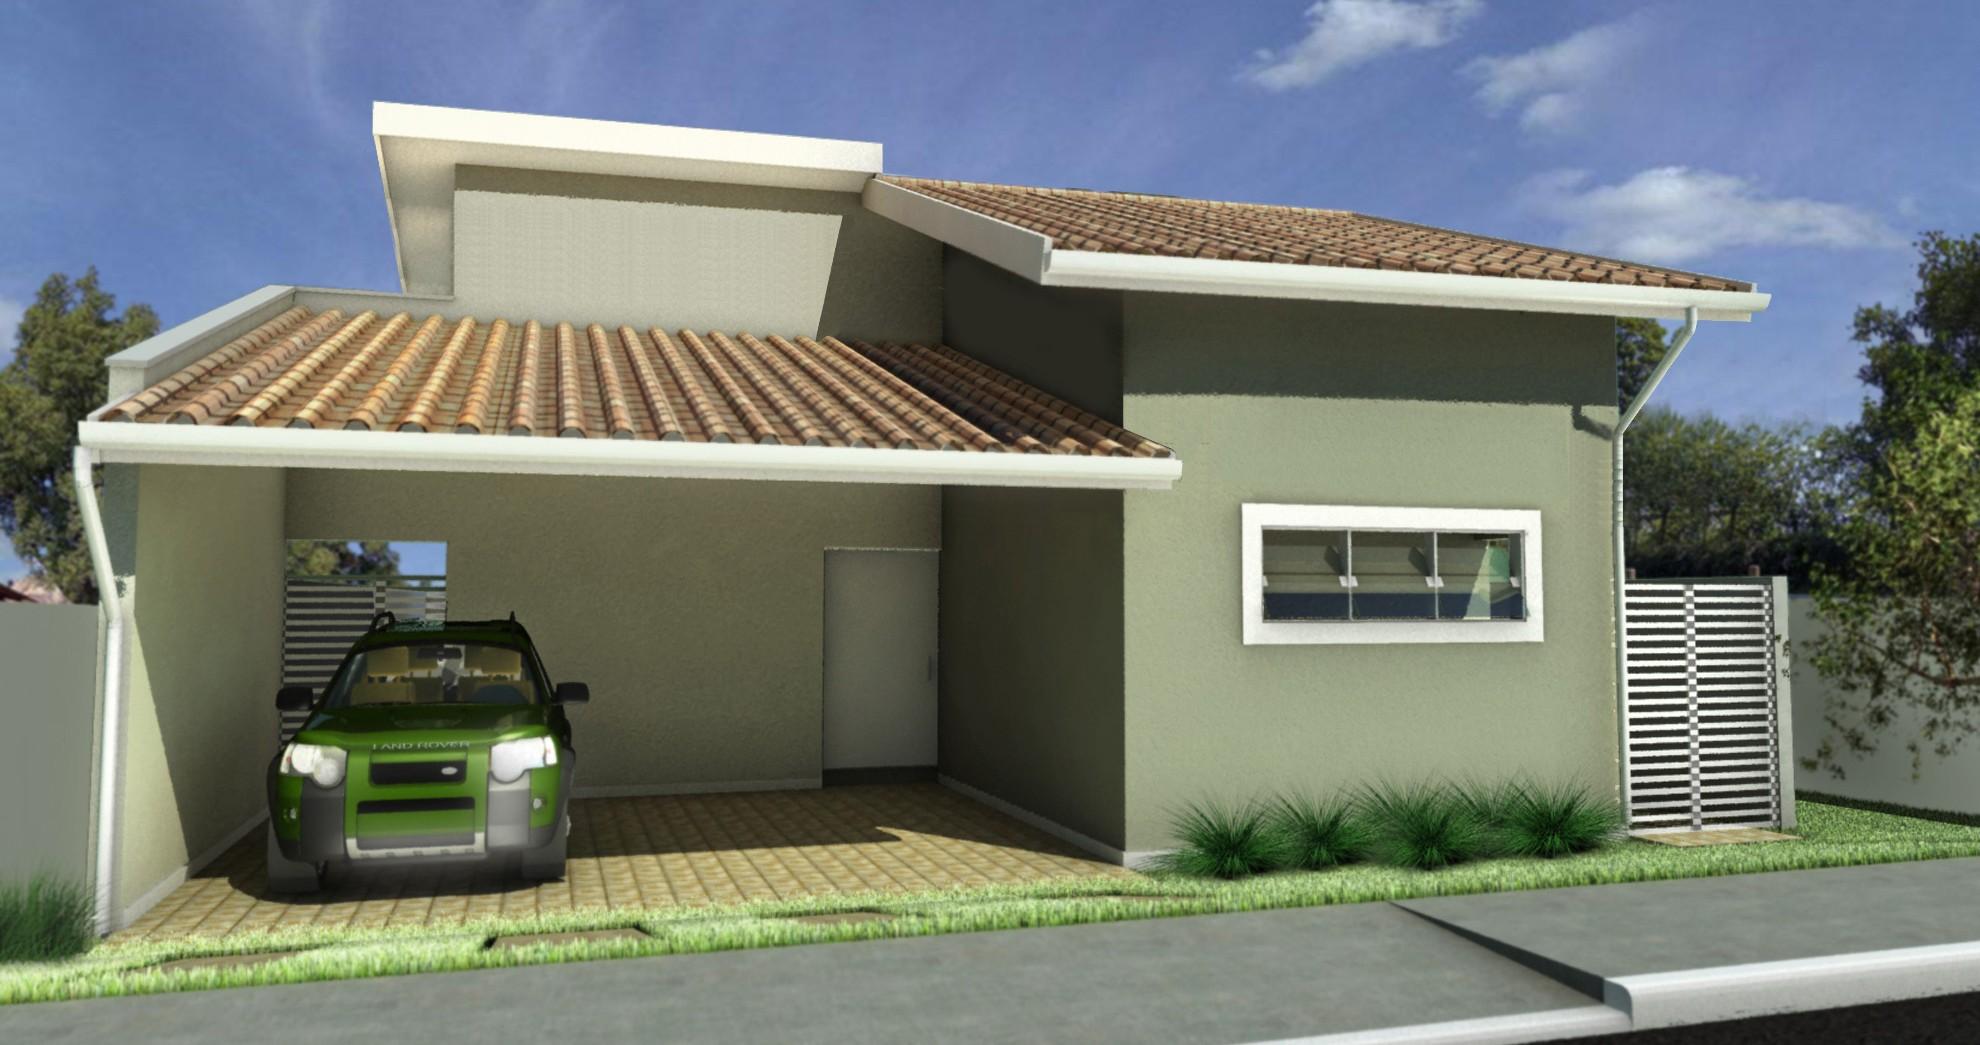 Fachadas de casas com garagem dicas fotos e projetos for Casa moderna 11